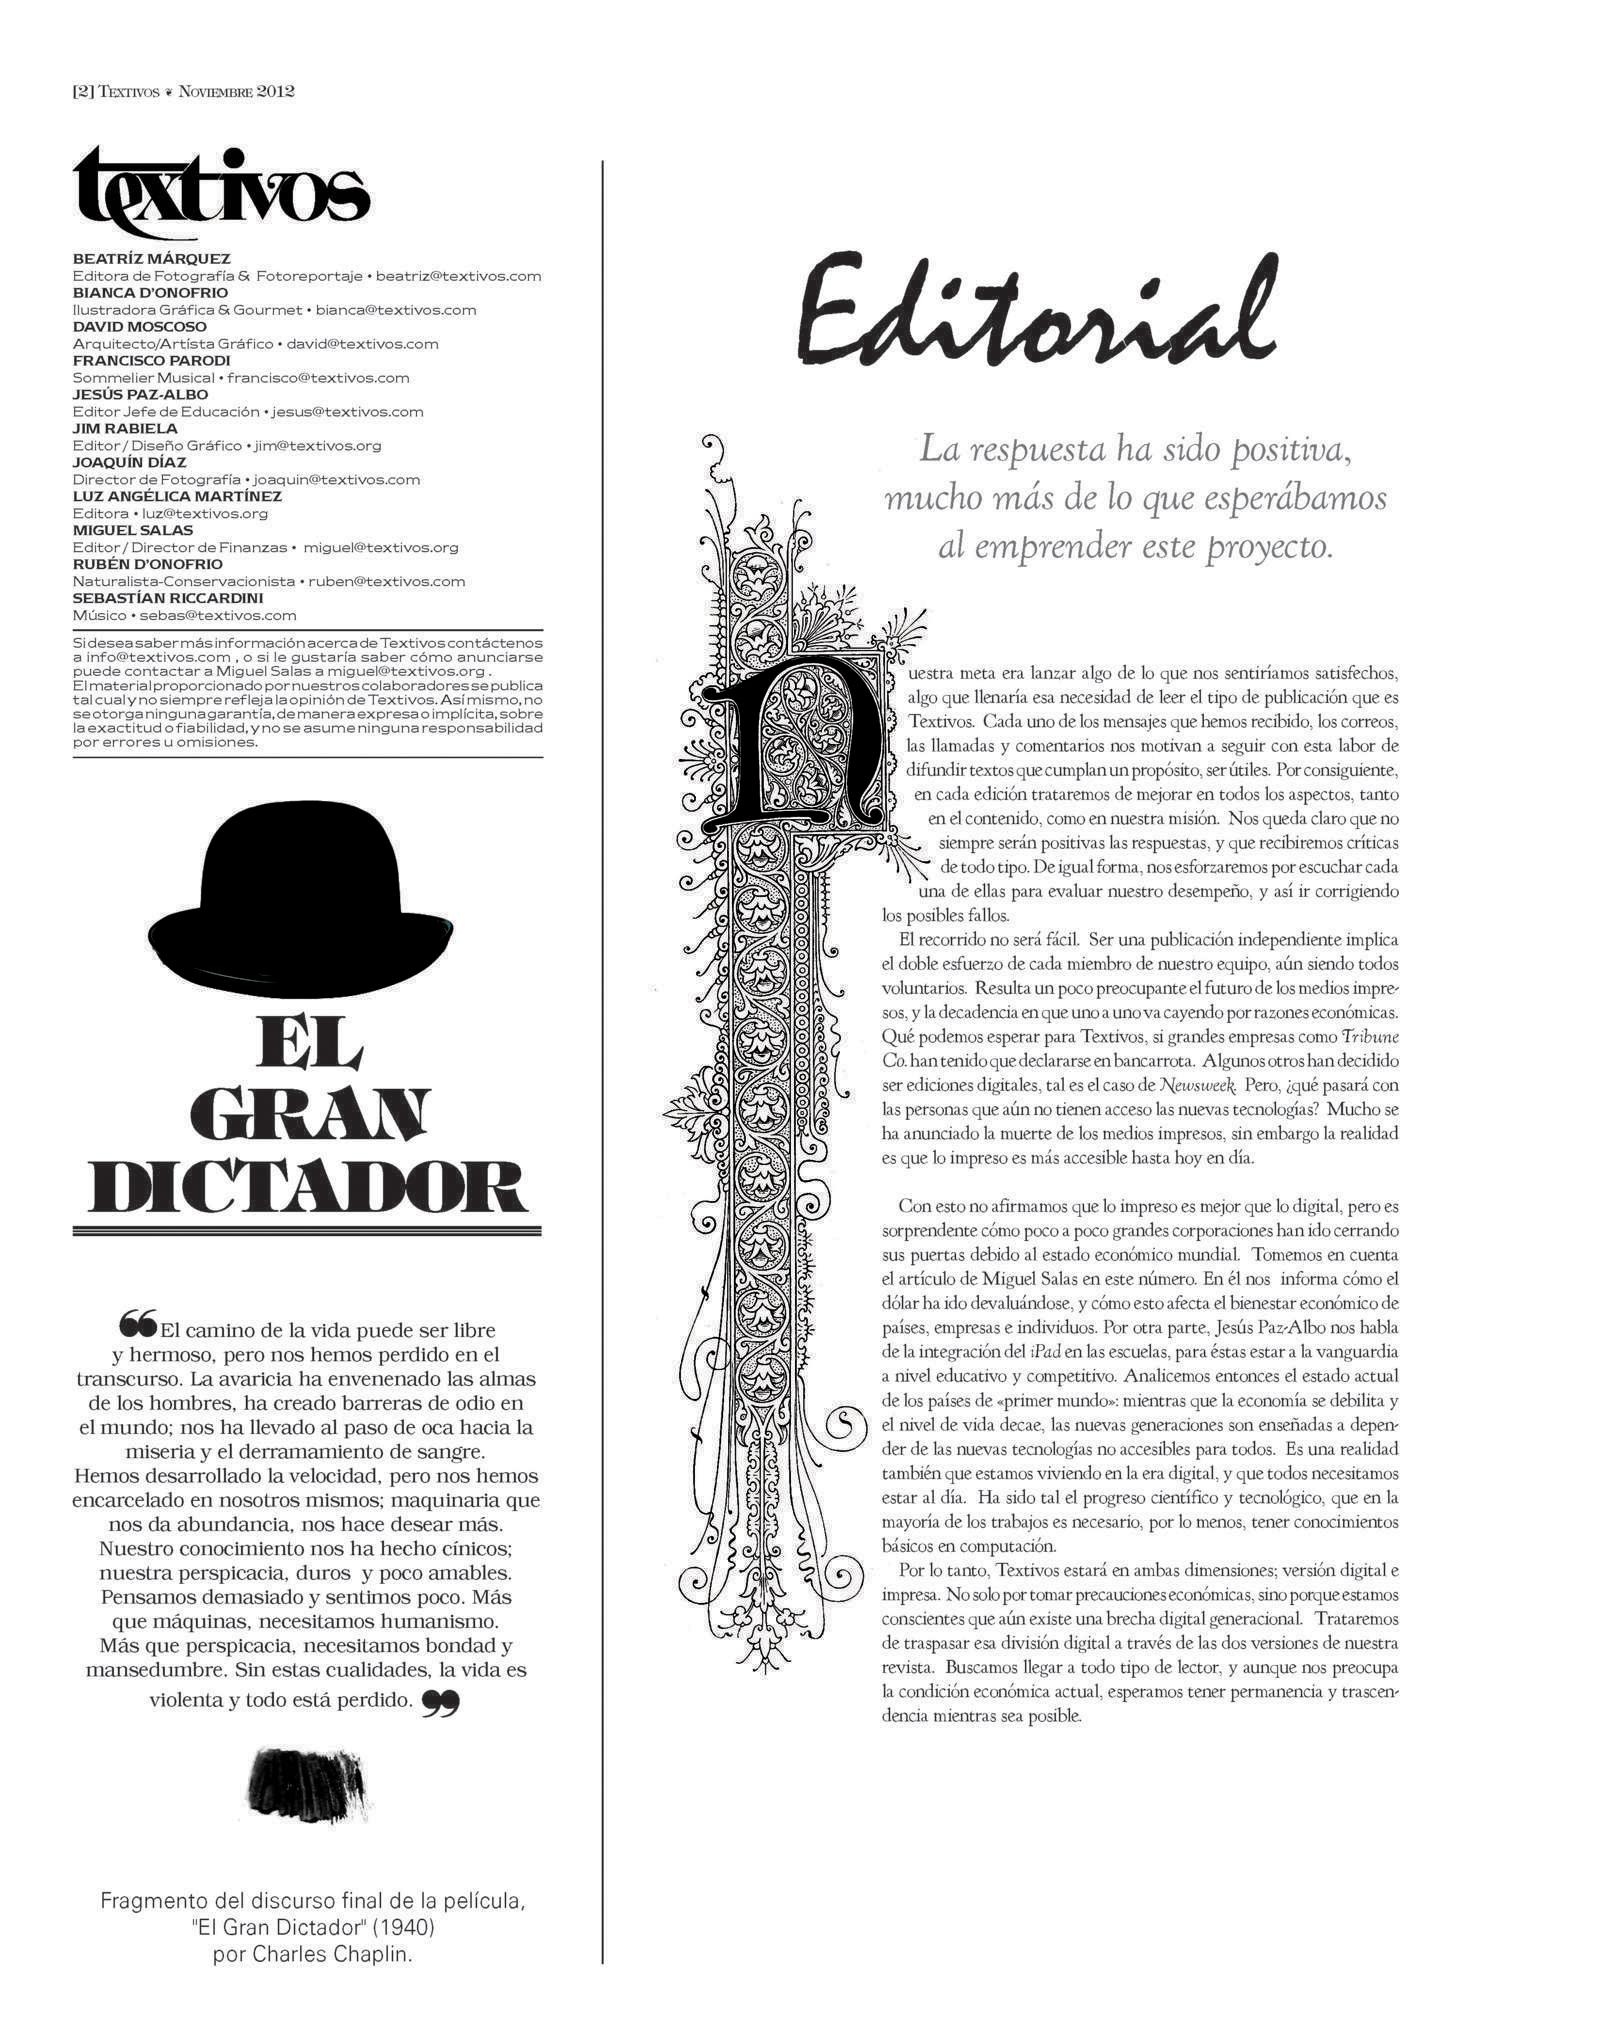 Newspaper_06